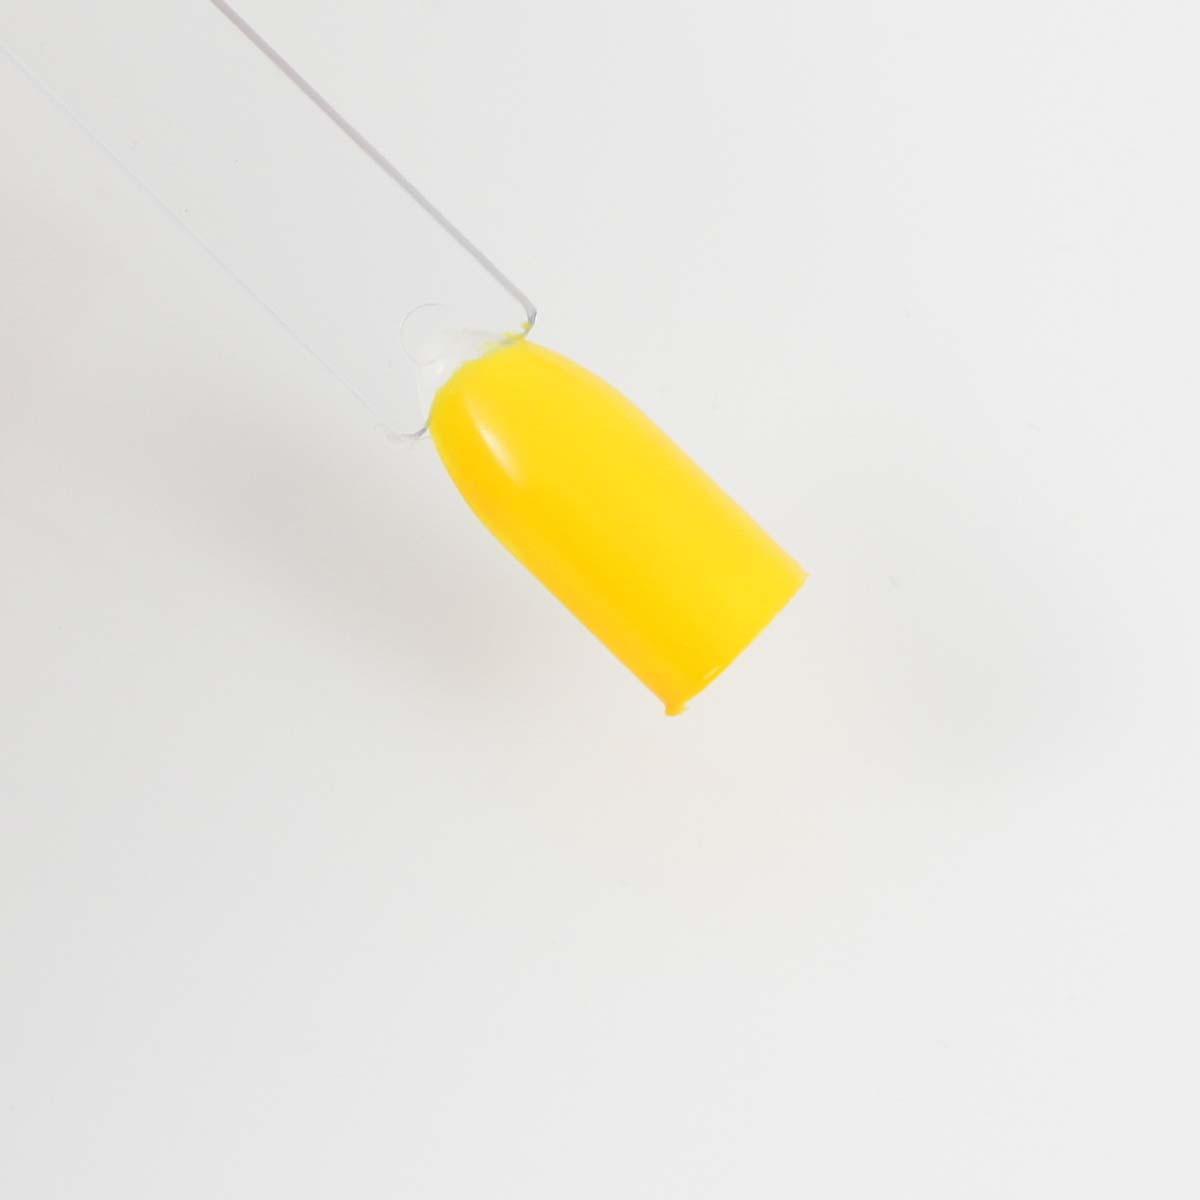 couleur de base jaune citron